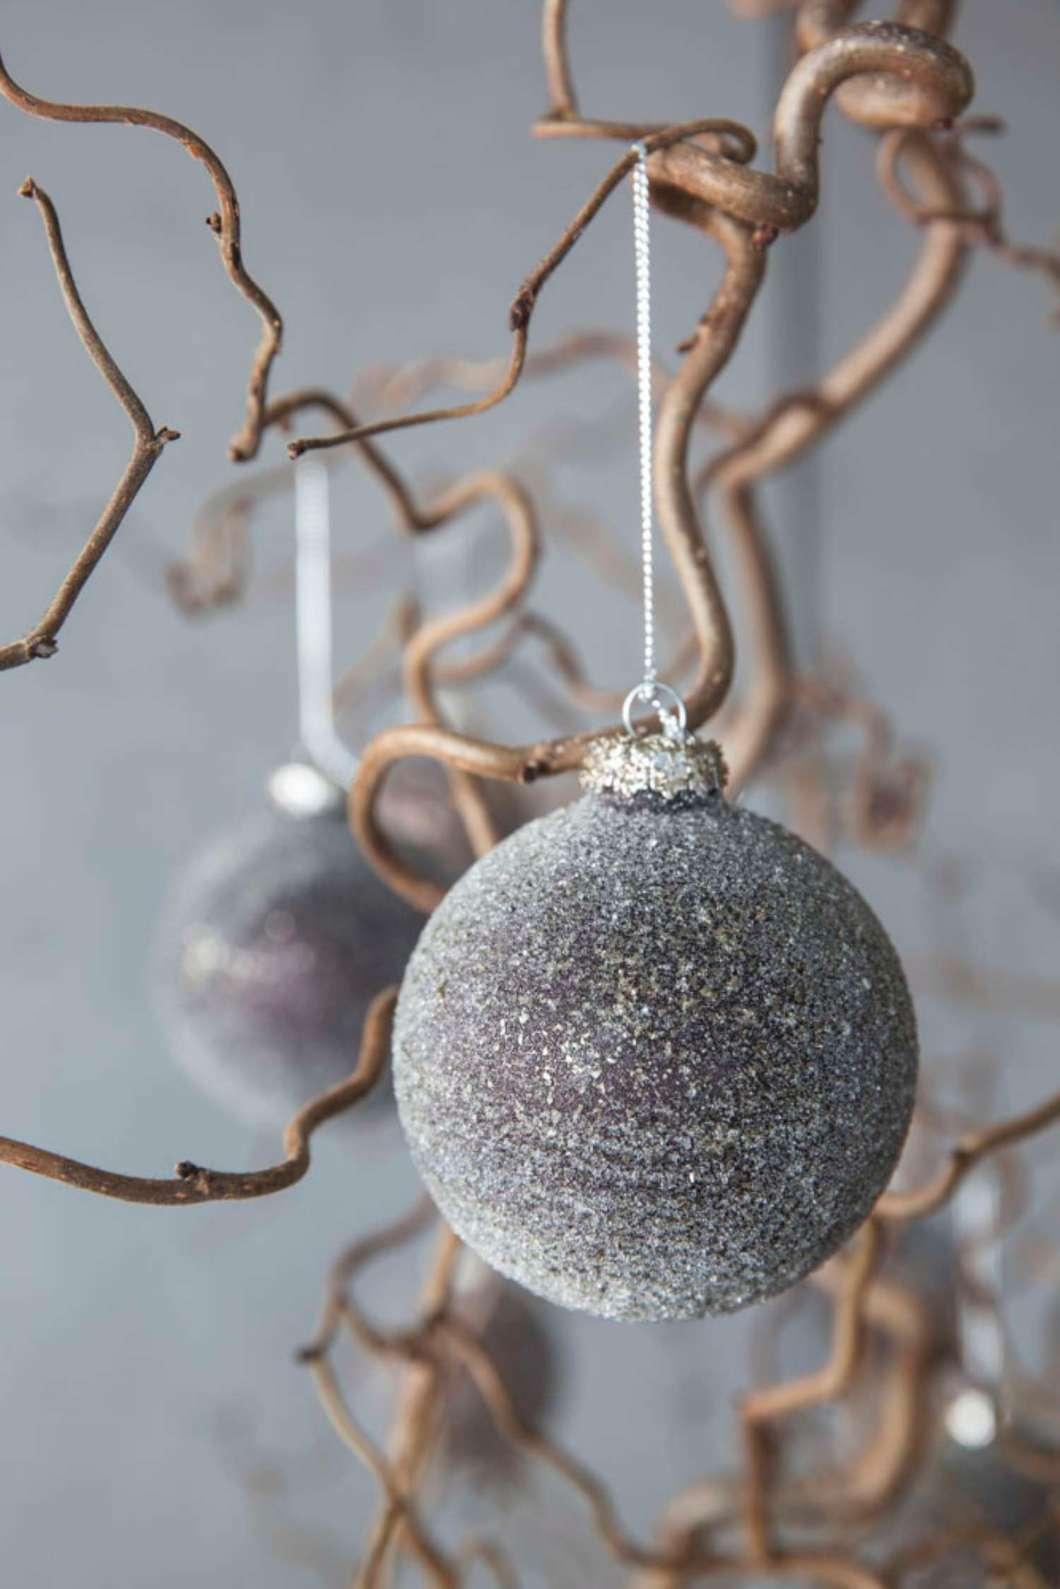 009 INTERIØRTIPS - JULEDEKORASJONER Trollhassel med julekuler FOTO Mester Grønn.jpg